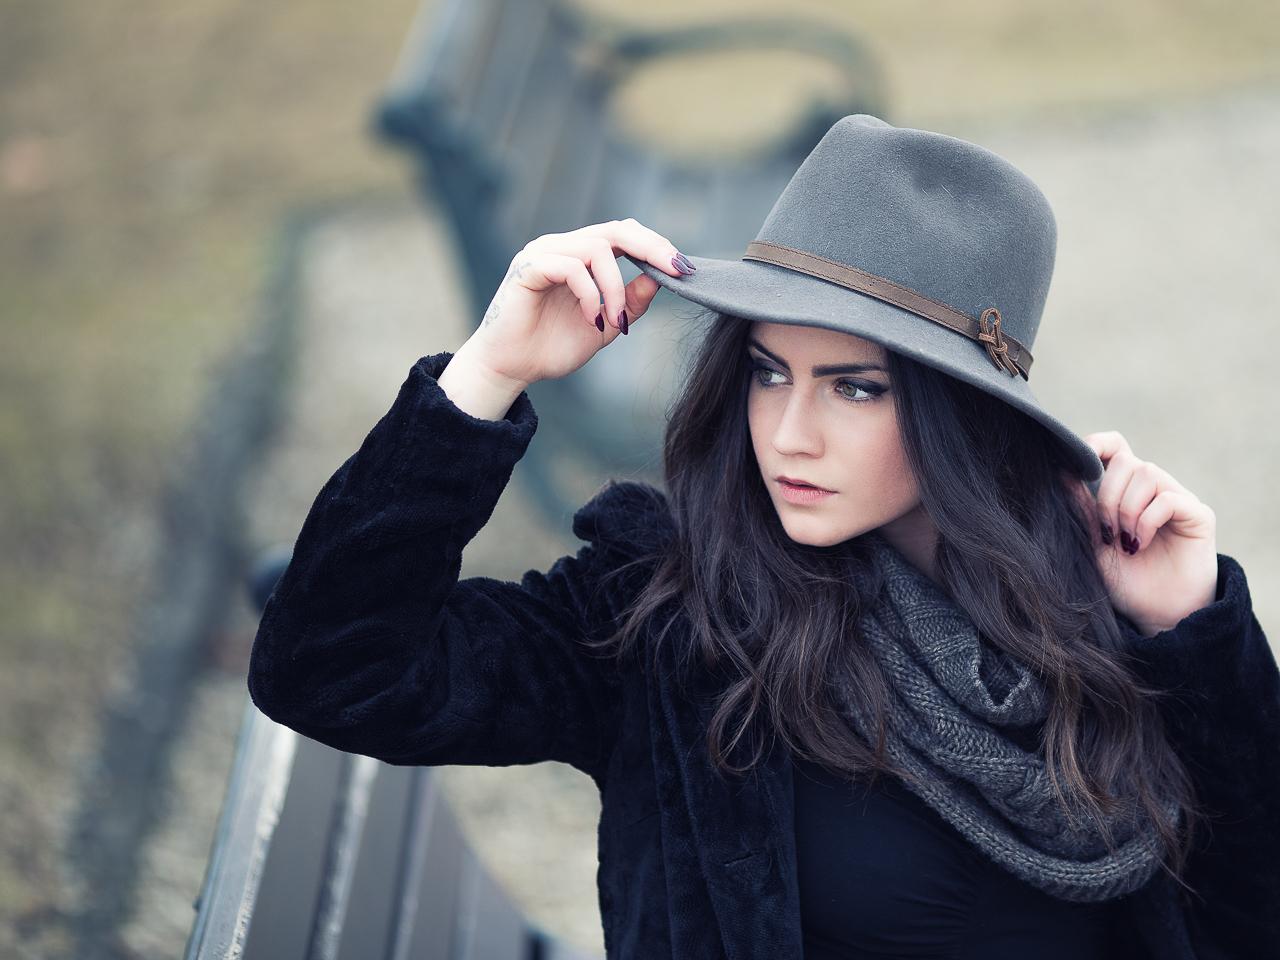 Isy (hat) #03